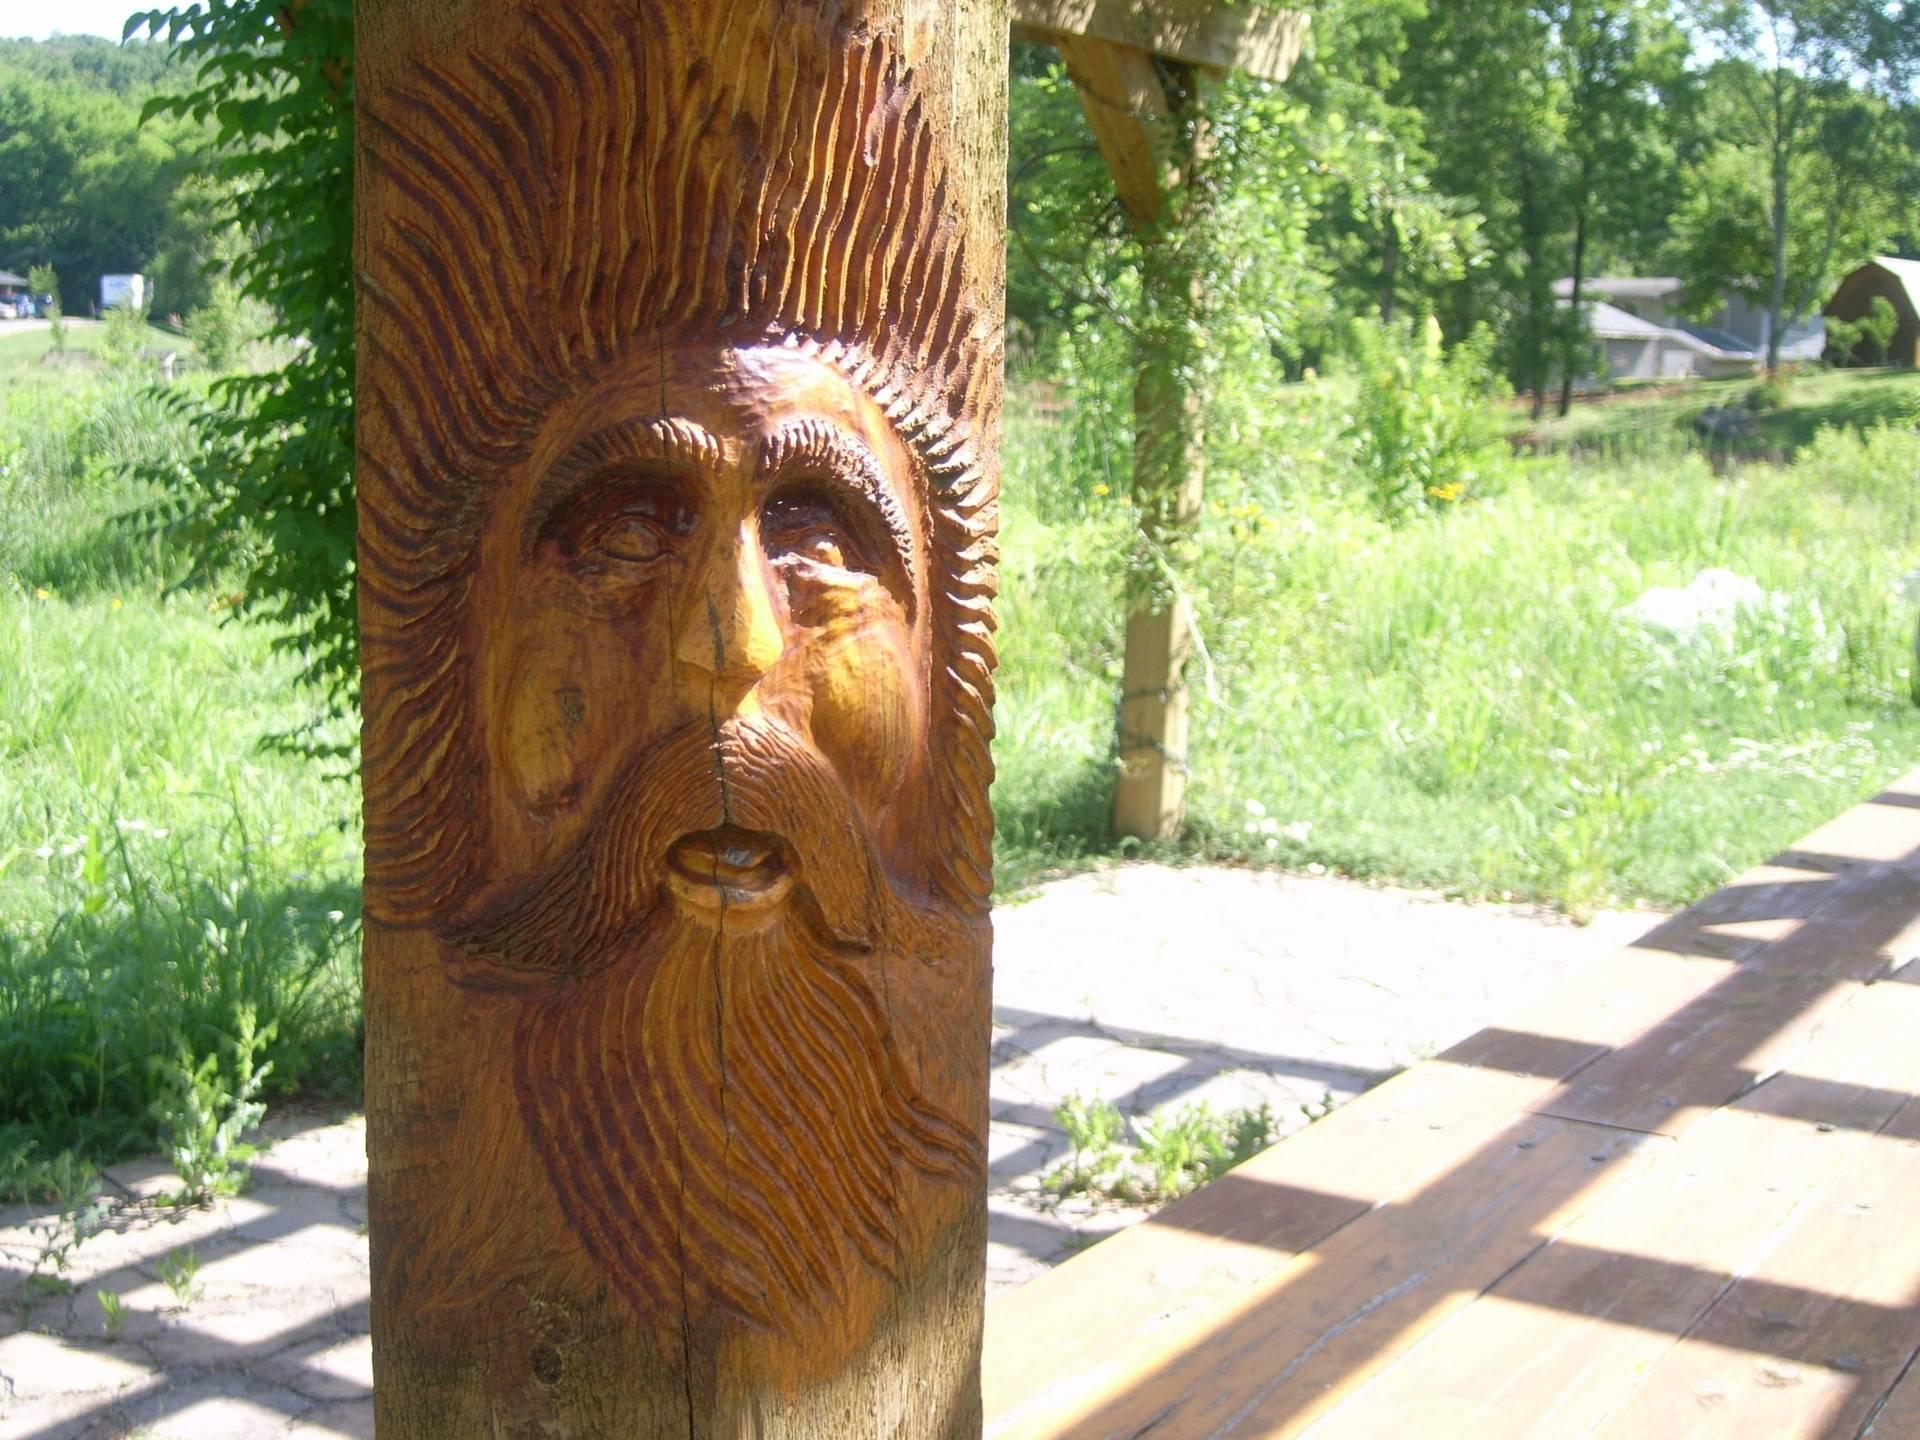 Waldgeist Spirit Carving at the Pergola